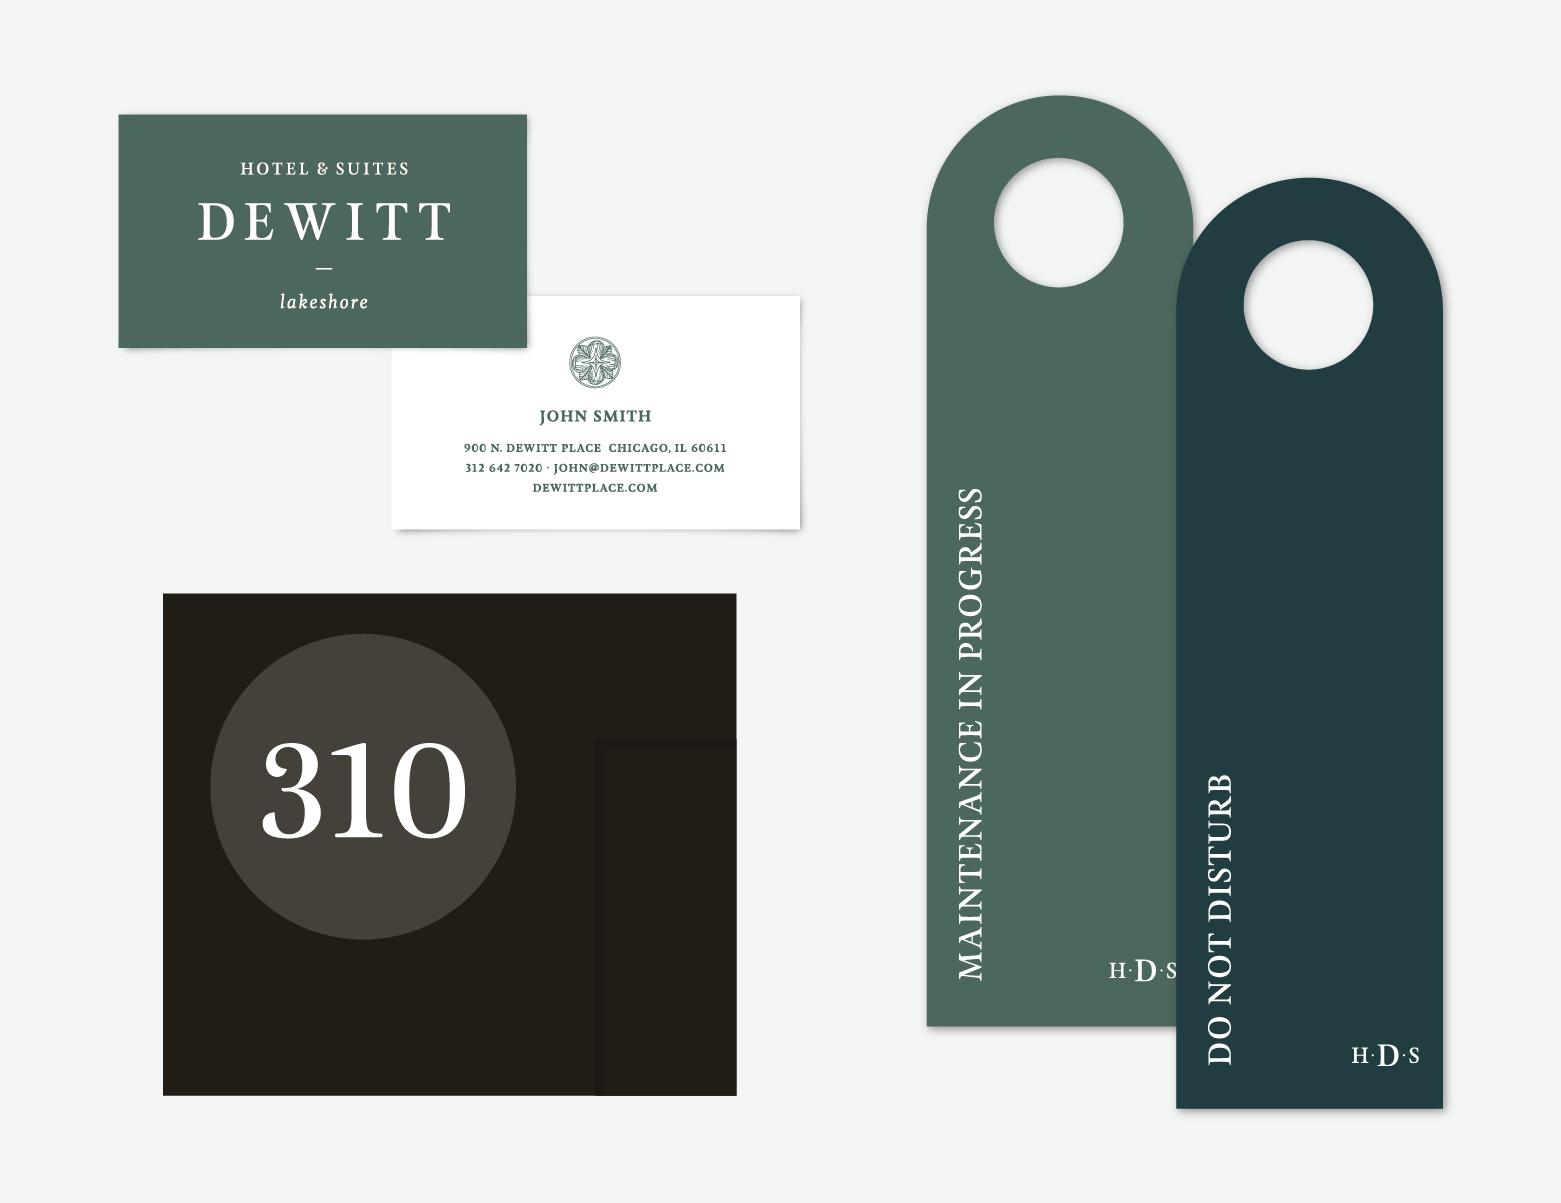 KarenMessing-DeWitt-3